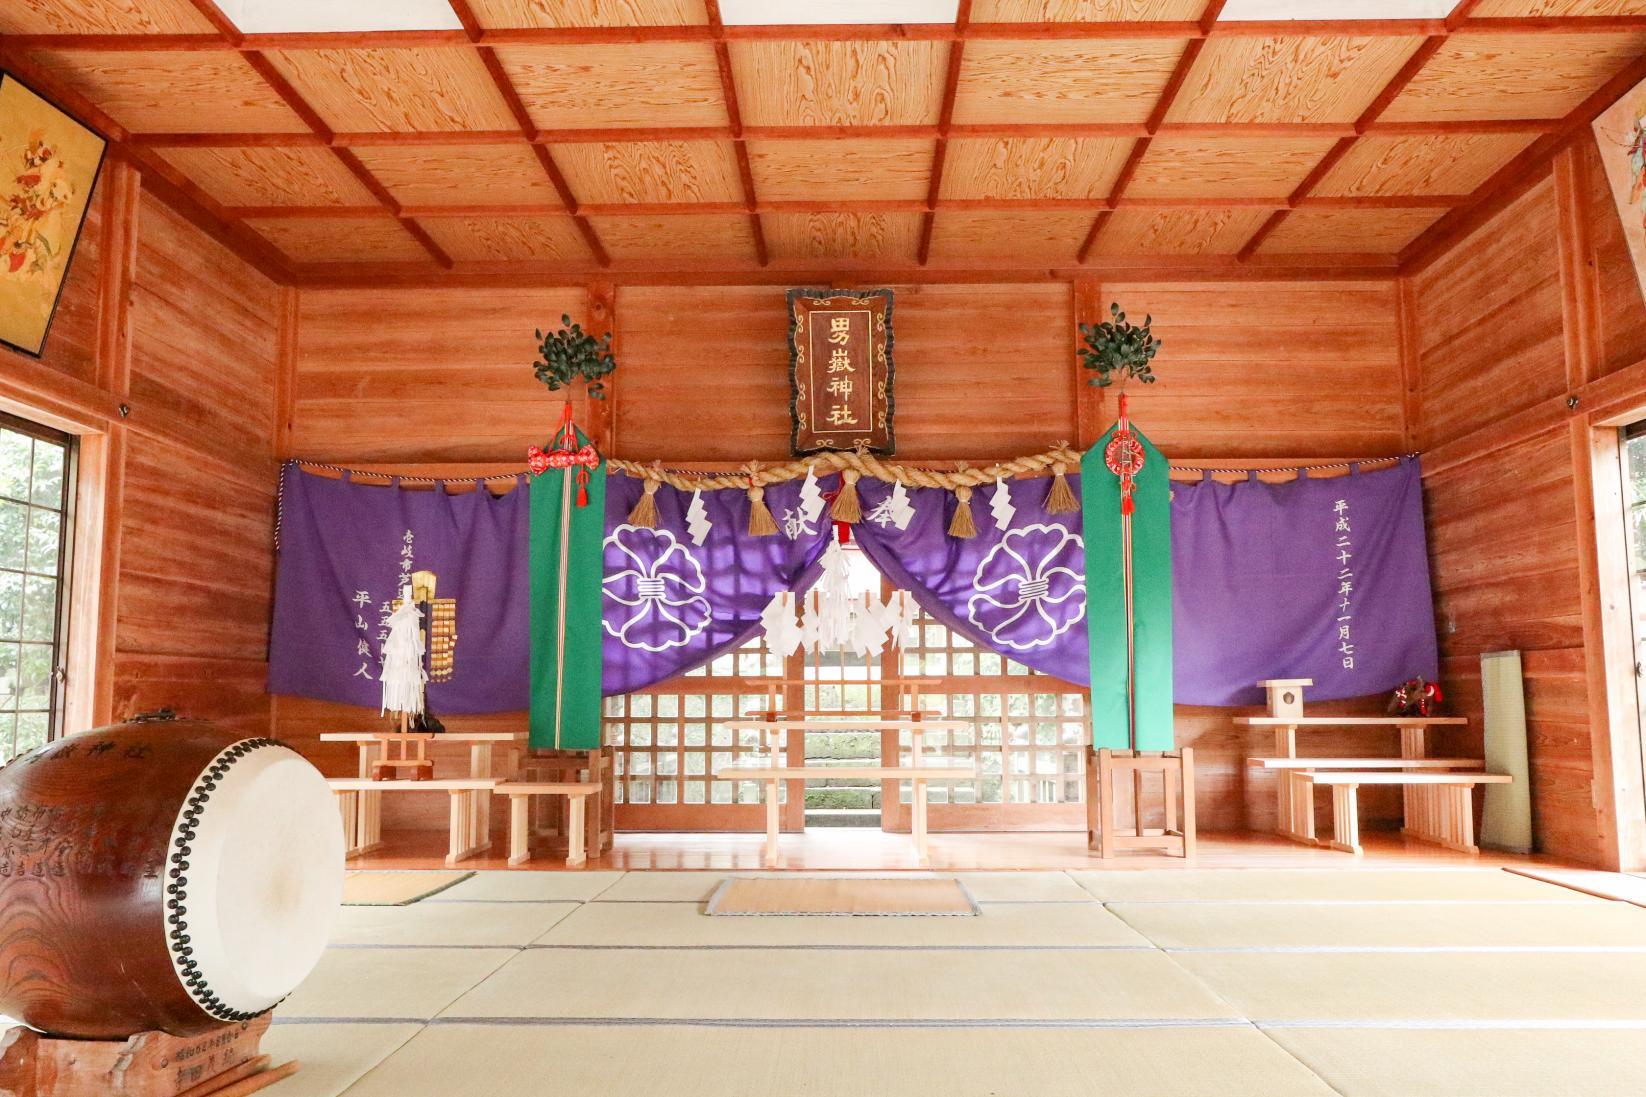 Ondake Shrine Where Many Stone Monkeys Welcome Worshippers-2